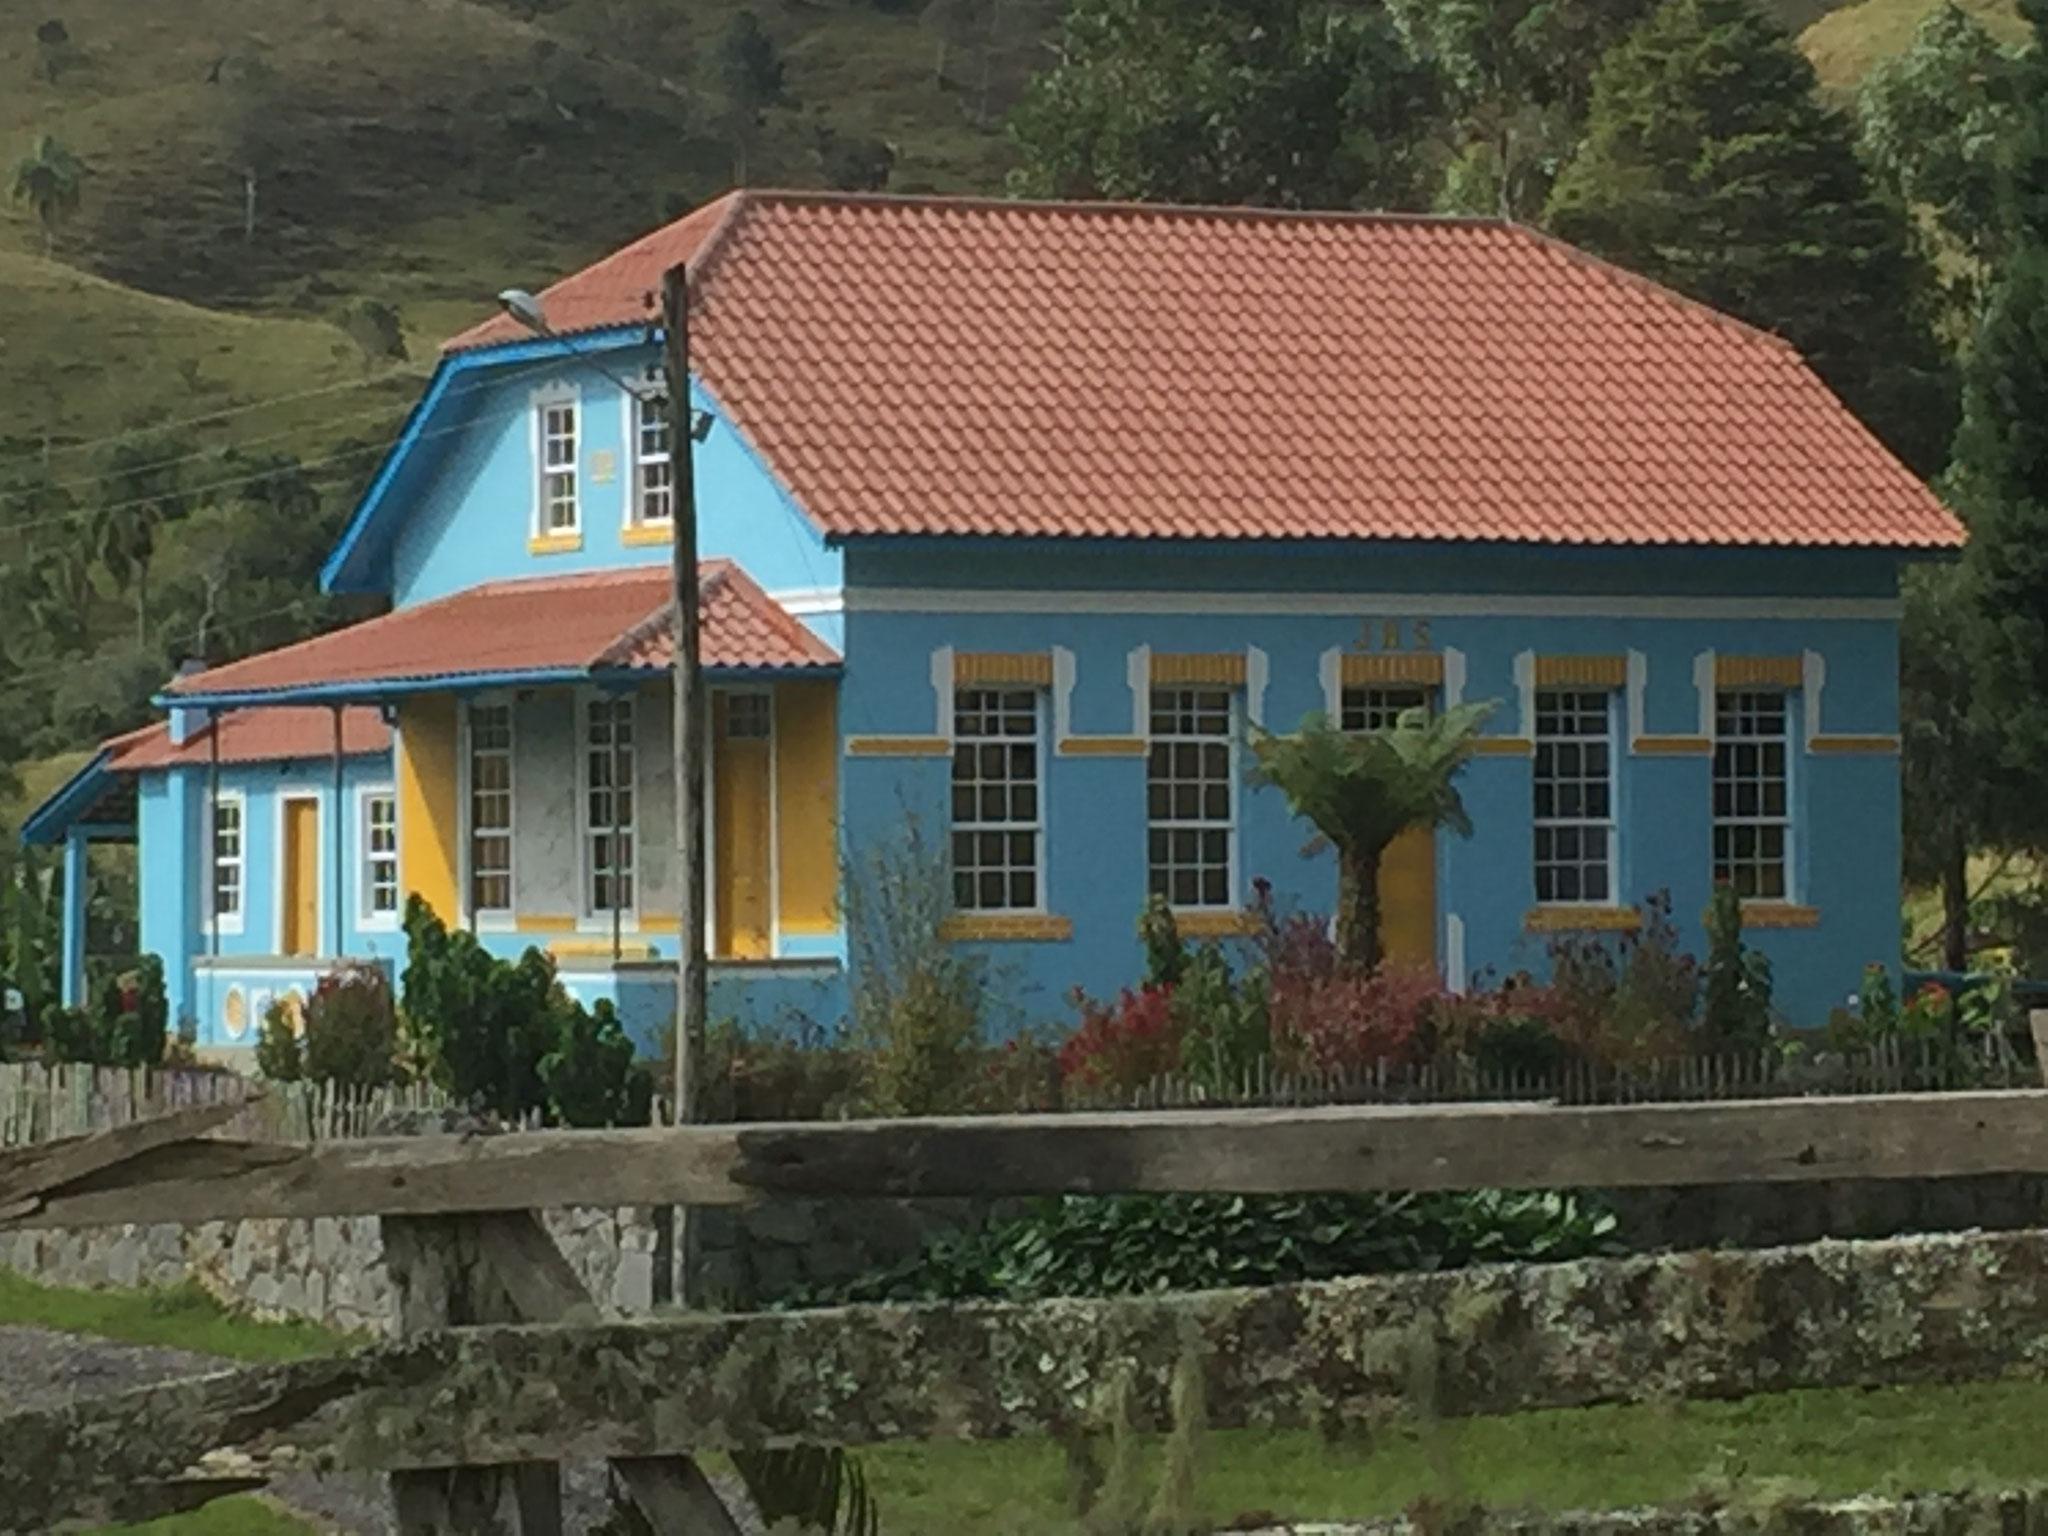 Viele farbige Häuser in den Tälern